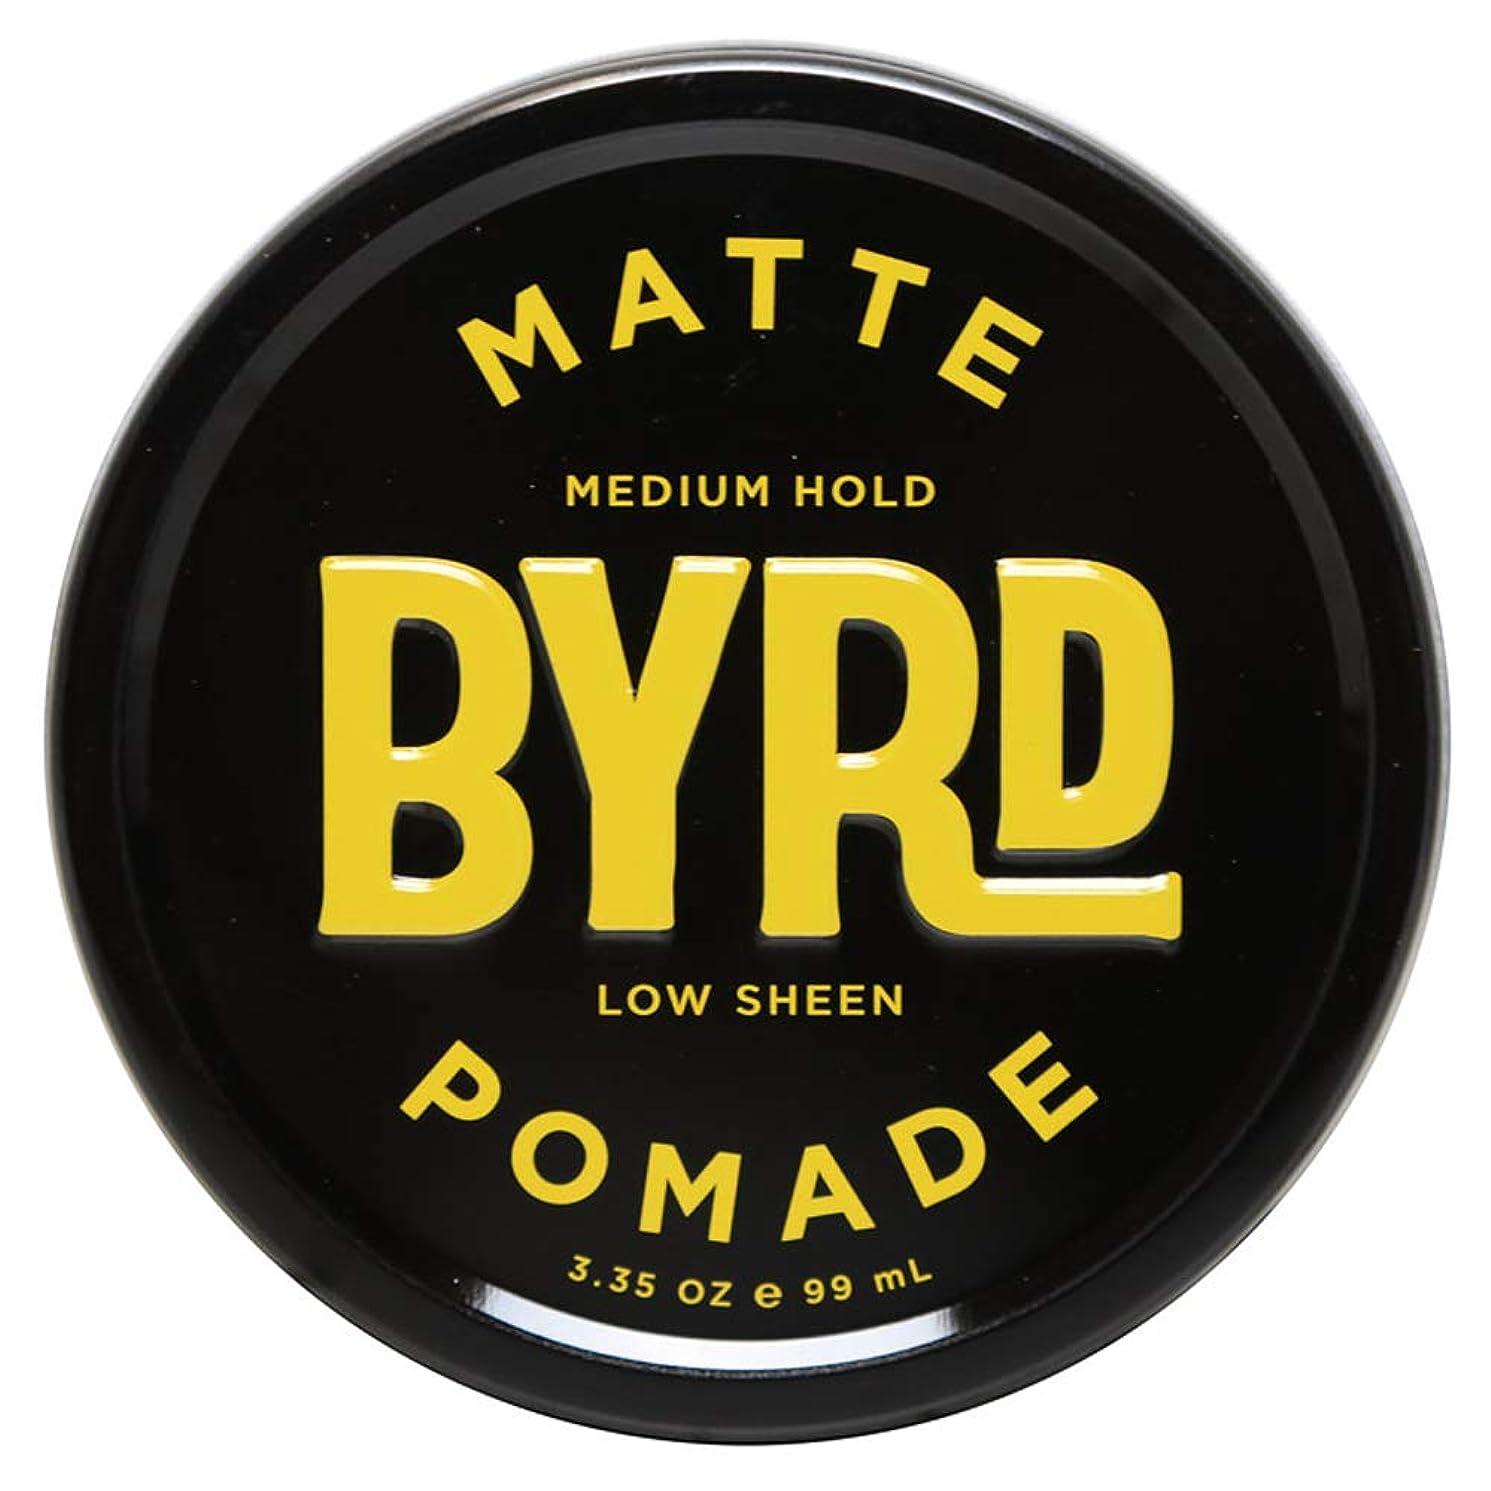 暫定ぬいぐるみ他の場所BYRD バード MATTE POMADE 3.35OZ 99ml マット ポマード